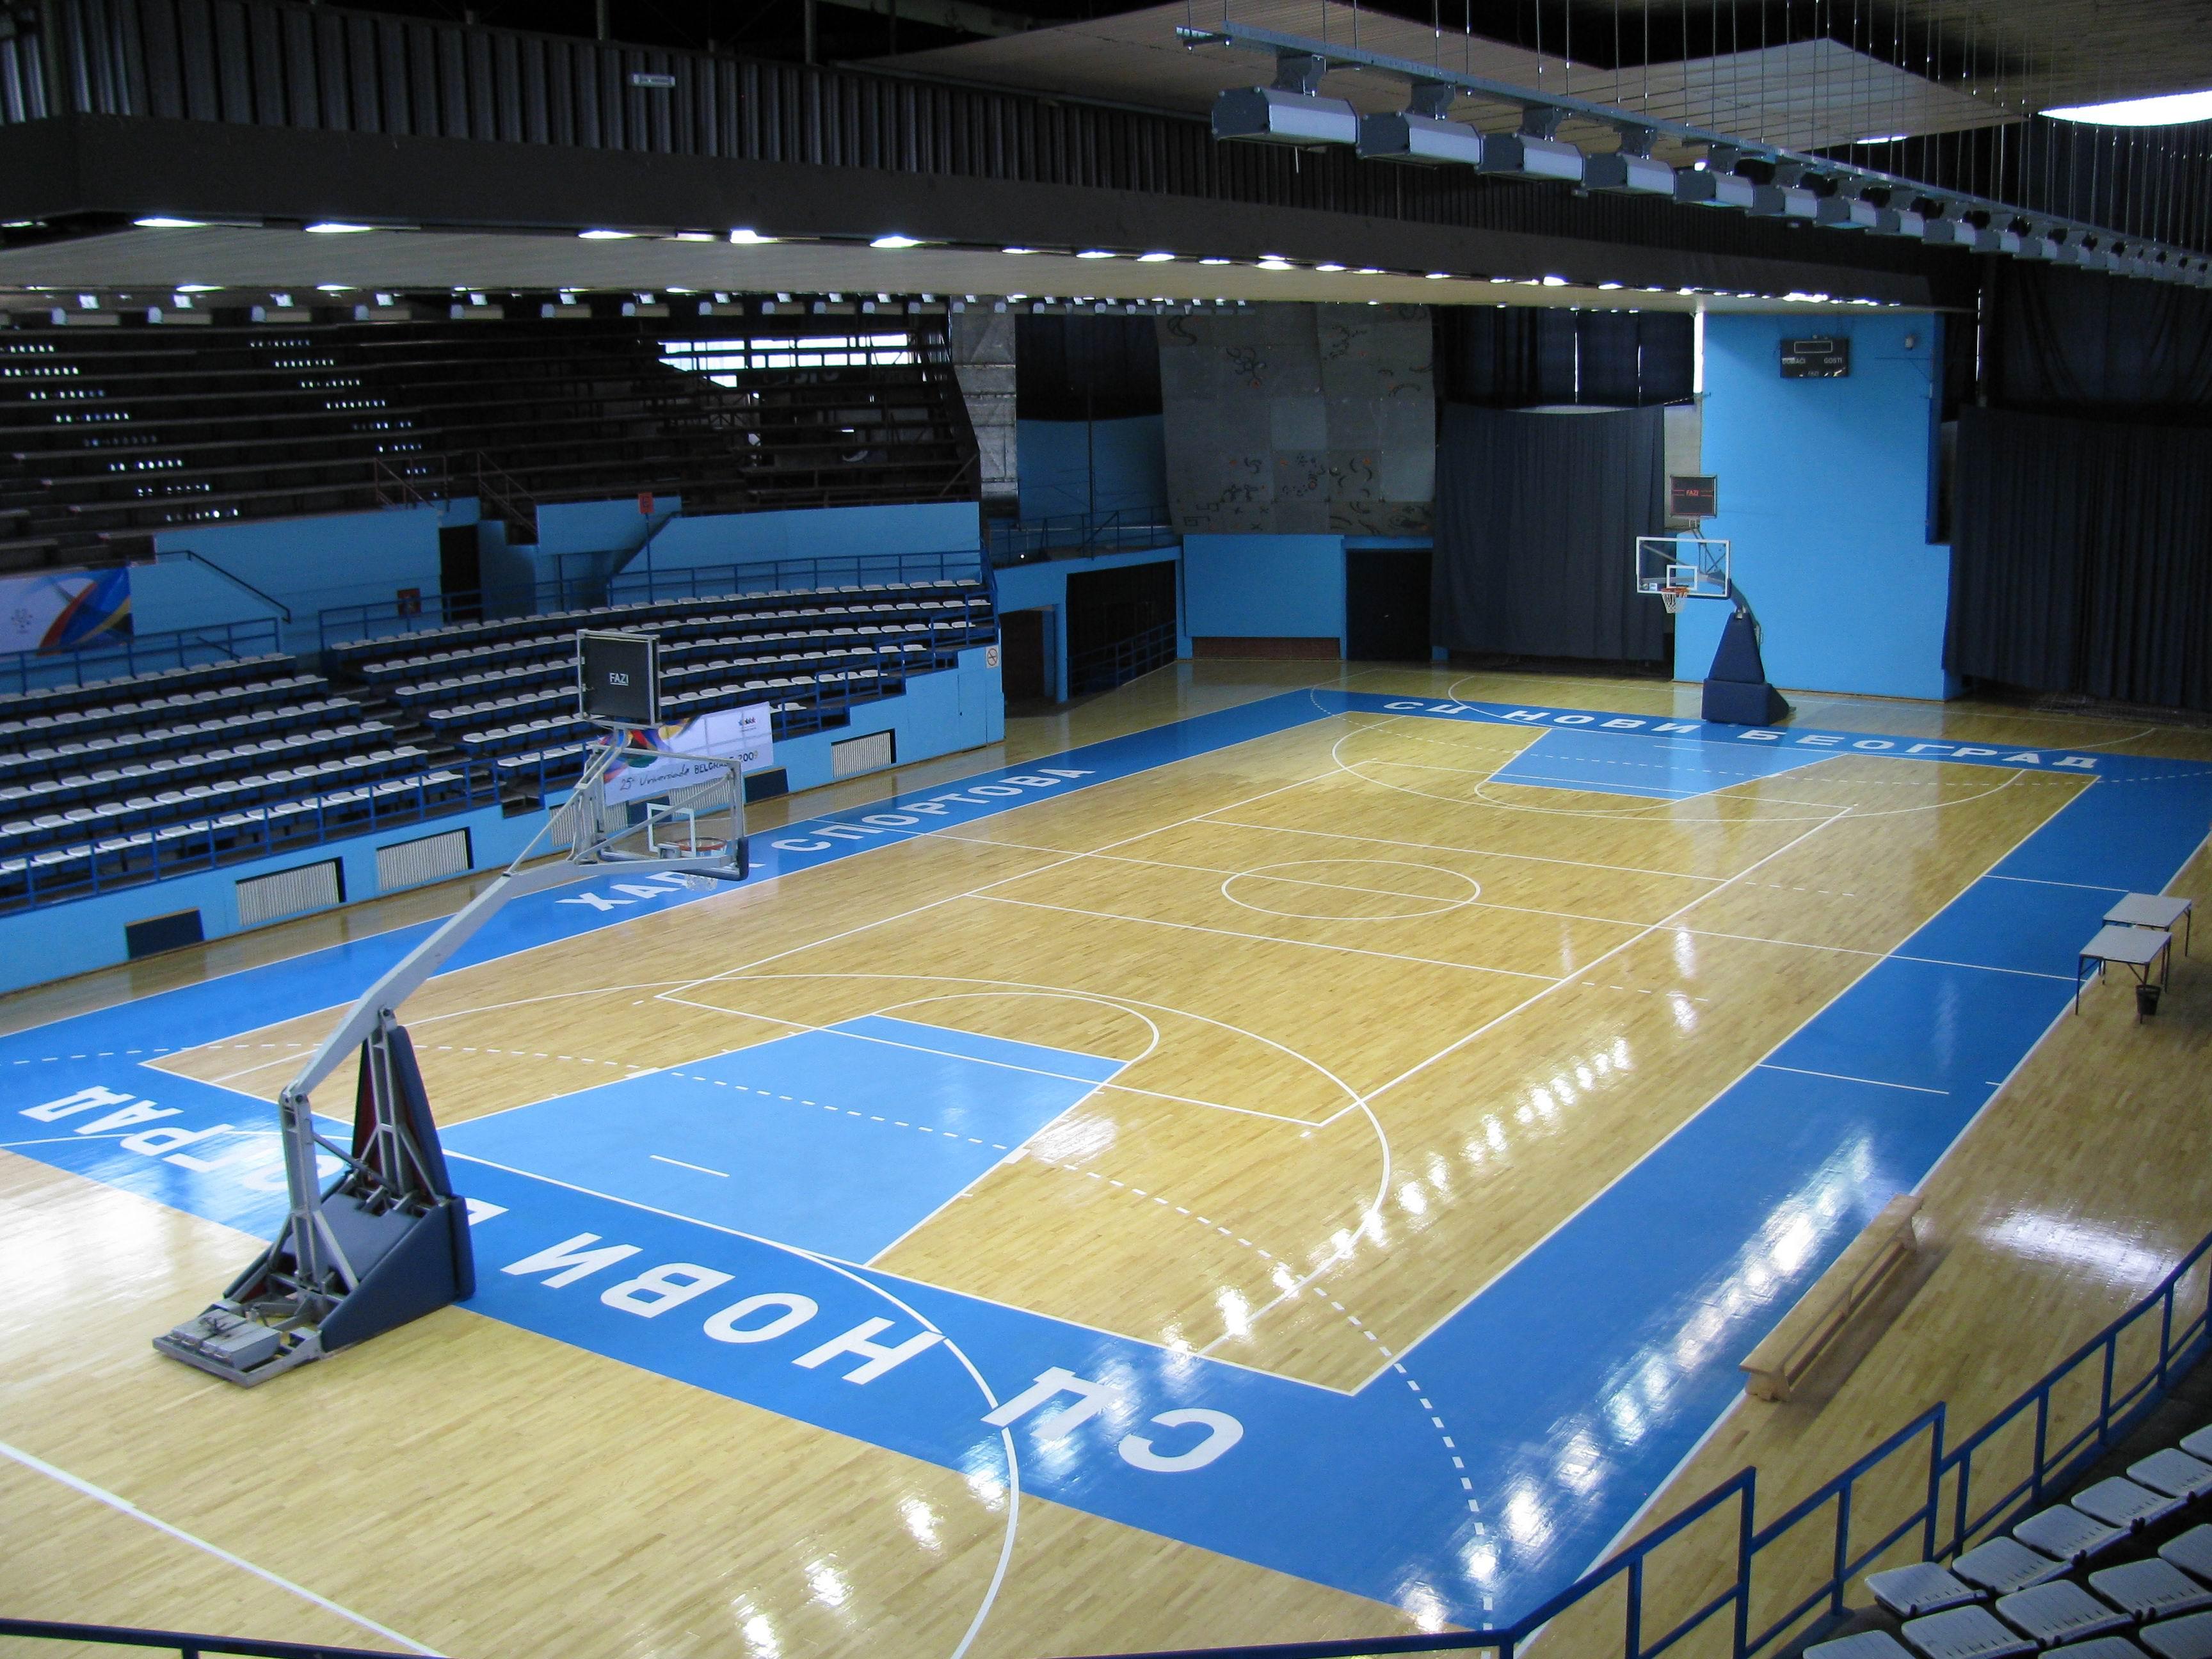 hala sportova beograd mapa Hala Sportova Novi Beograd, Tiket Klub hala sportova beograd mapa